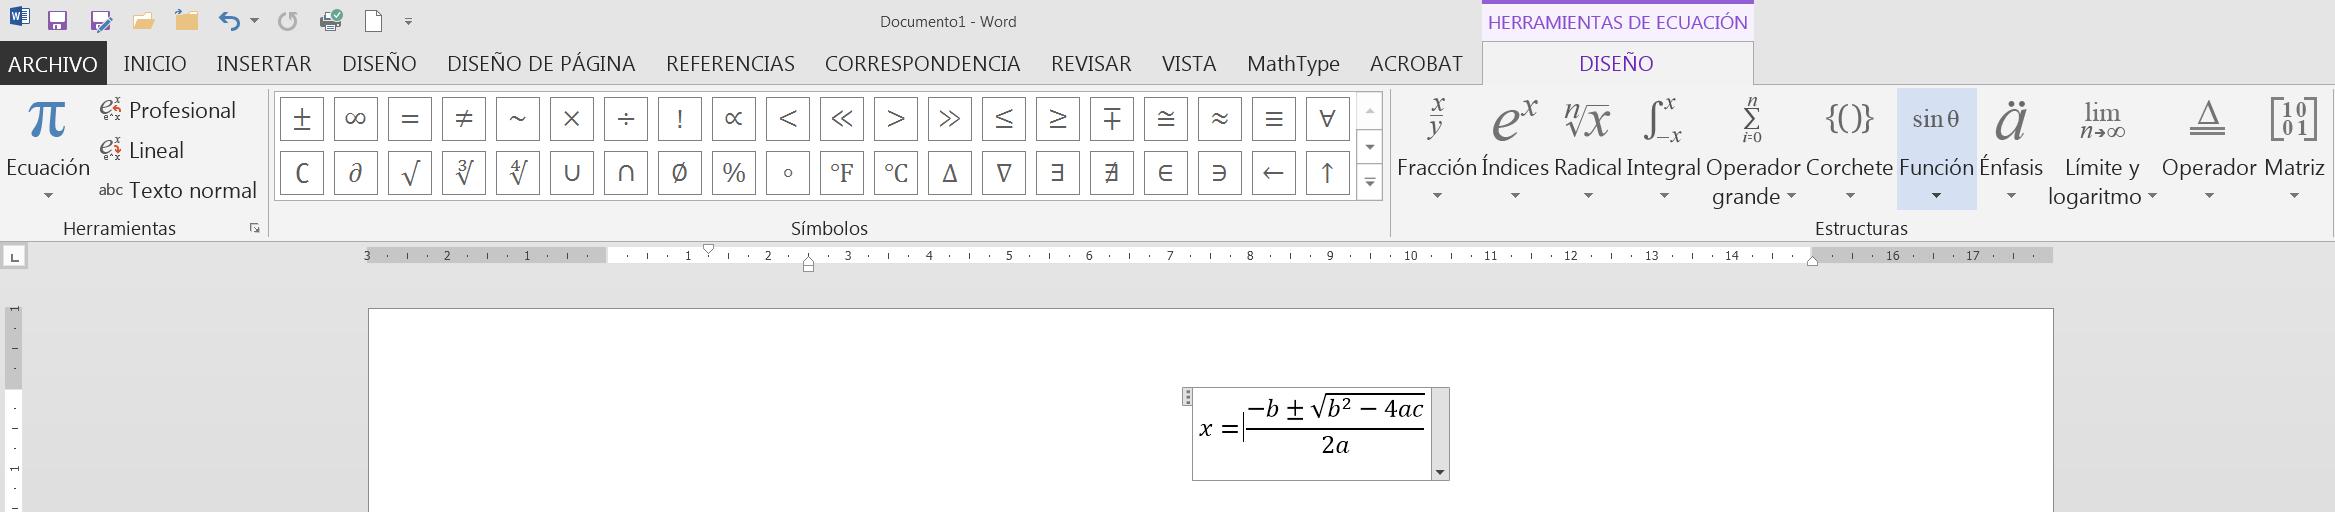 3con14 - Matemáticas - E · Escritura matemática [Fórmulas]